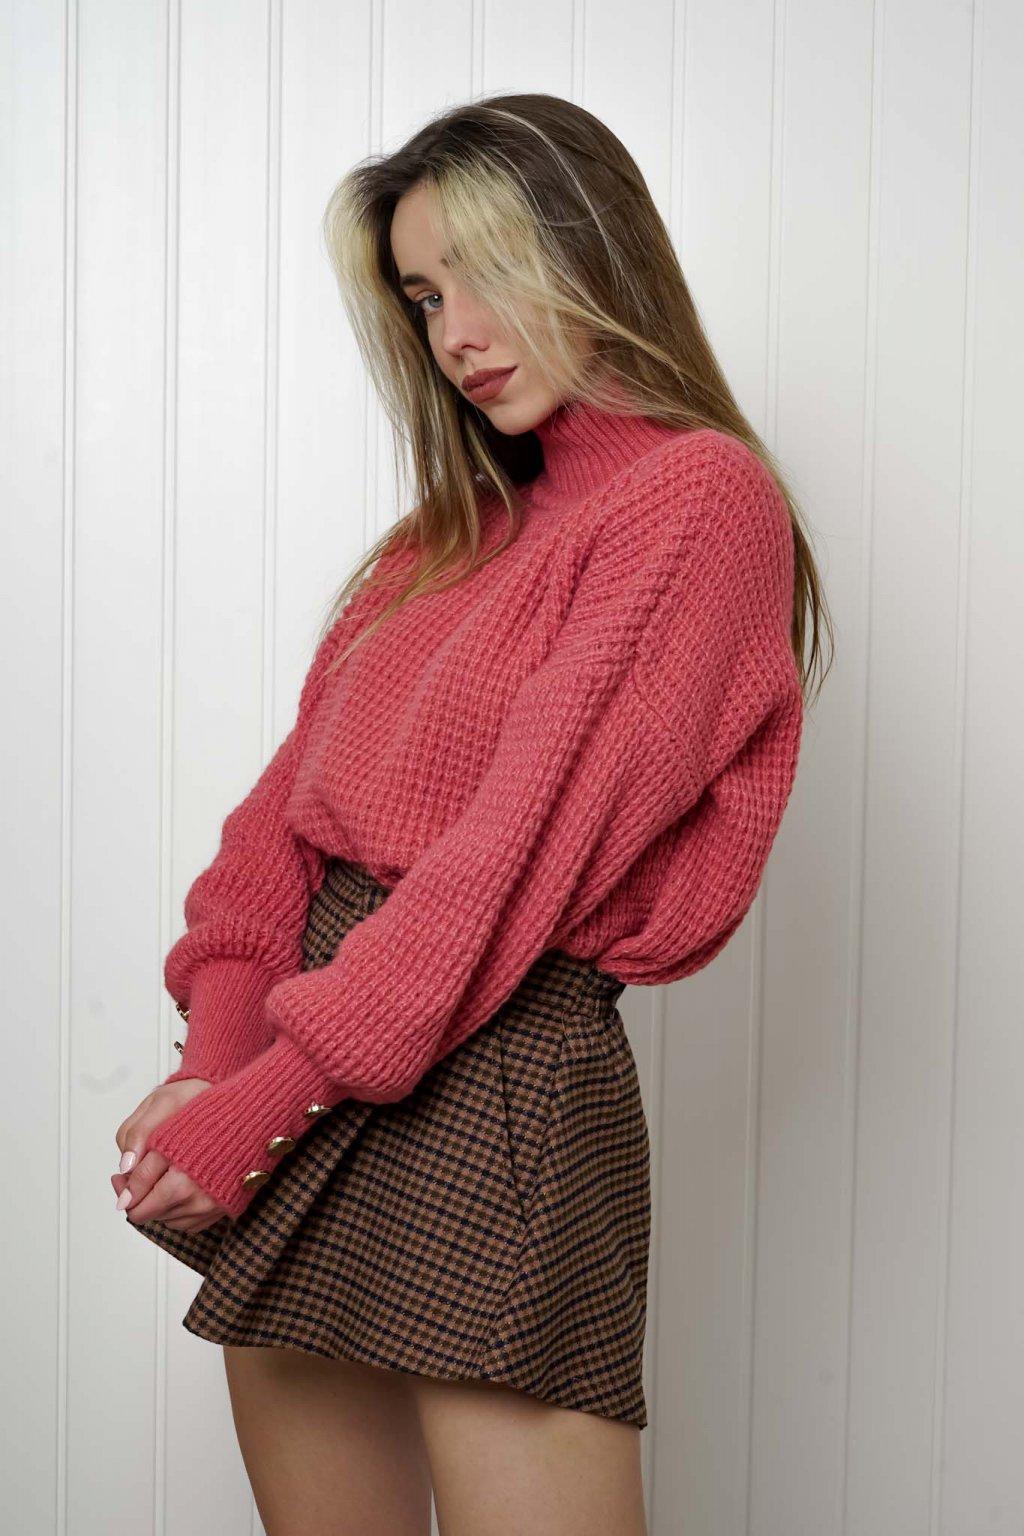 sveter, svetrík, sveter dámsky, úplet, úpletový sveter, jednoduchý sveter, v výstríh, štýlový, chlpatý,vzorovaný, srdiečkový, čierny, biely, farebný, 156